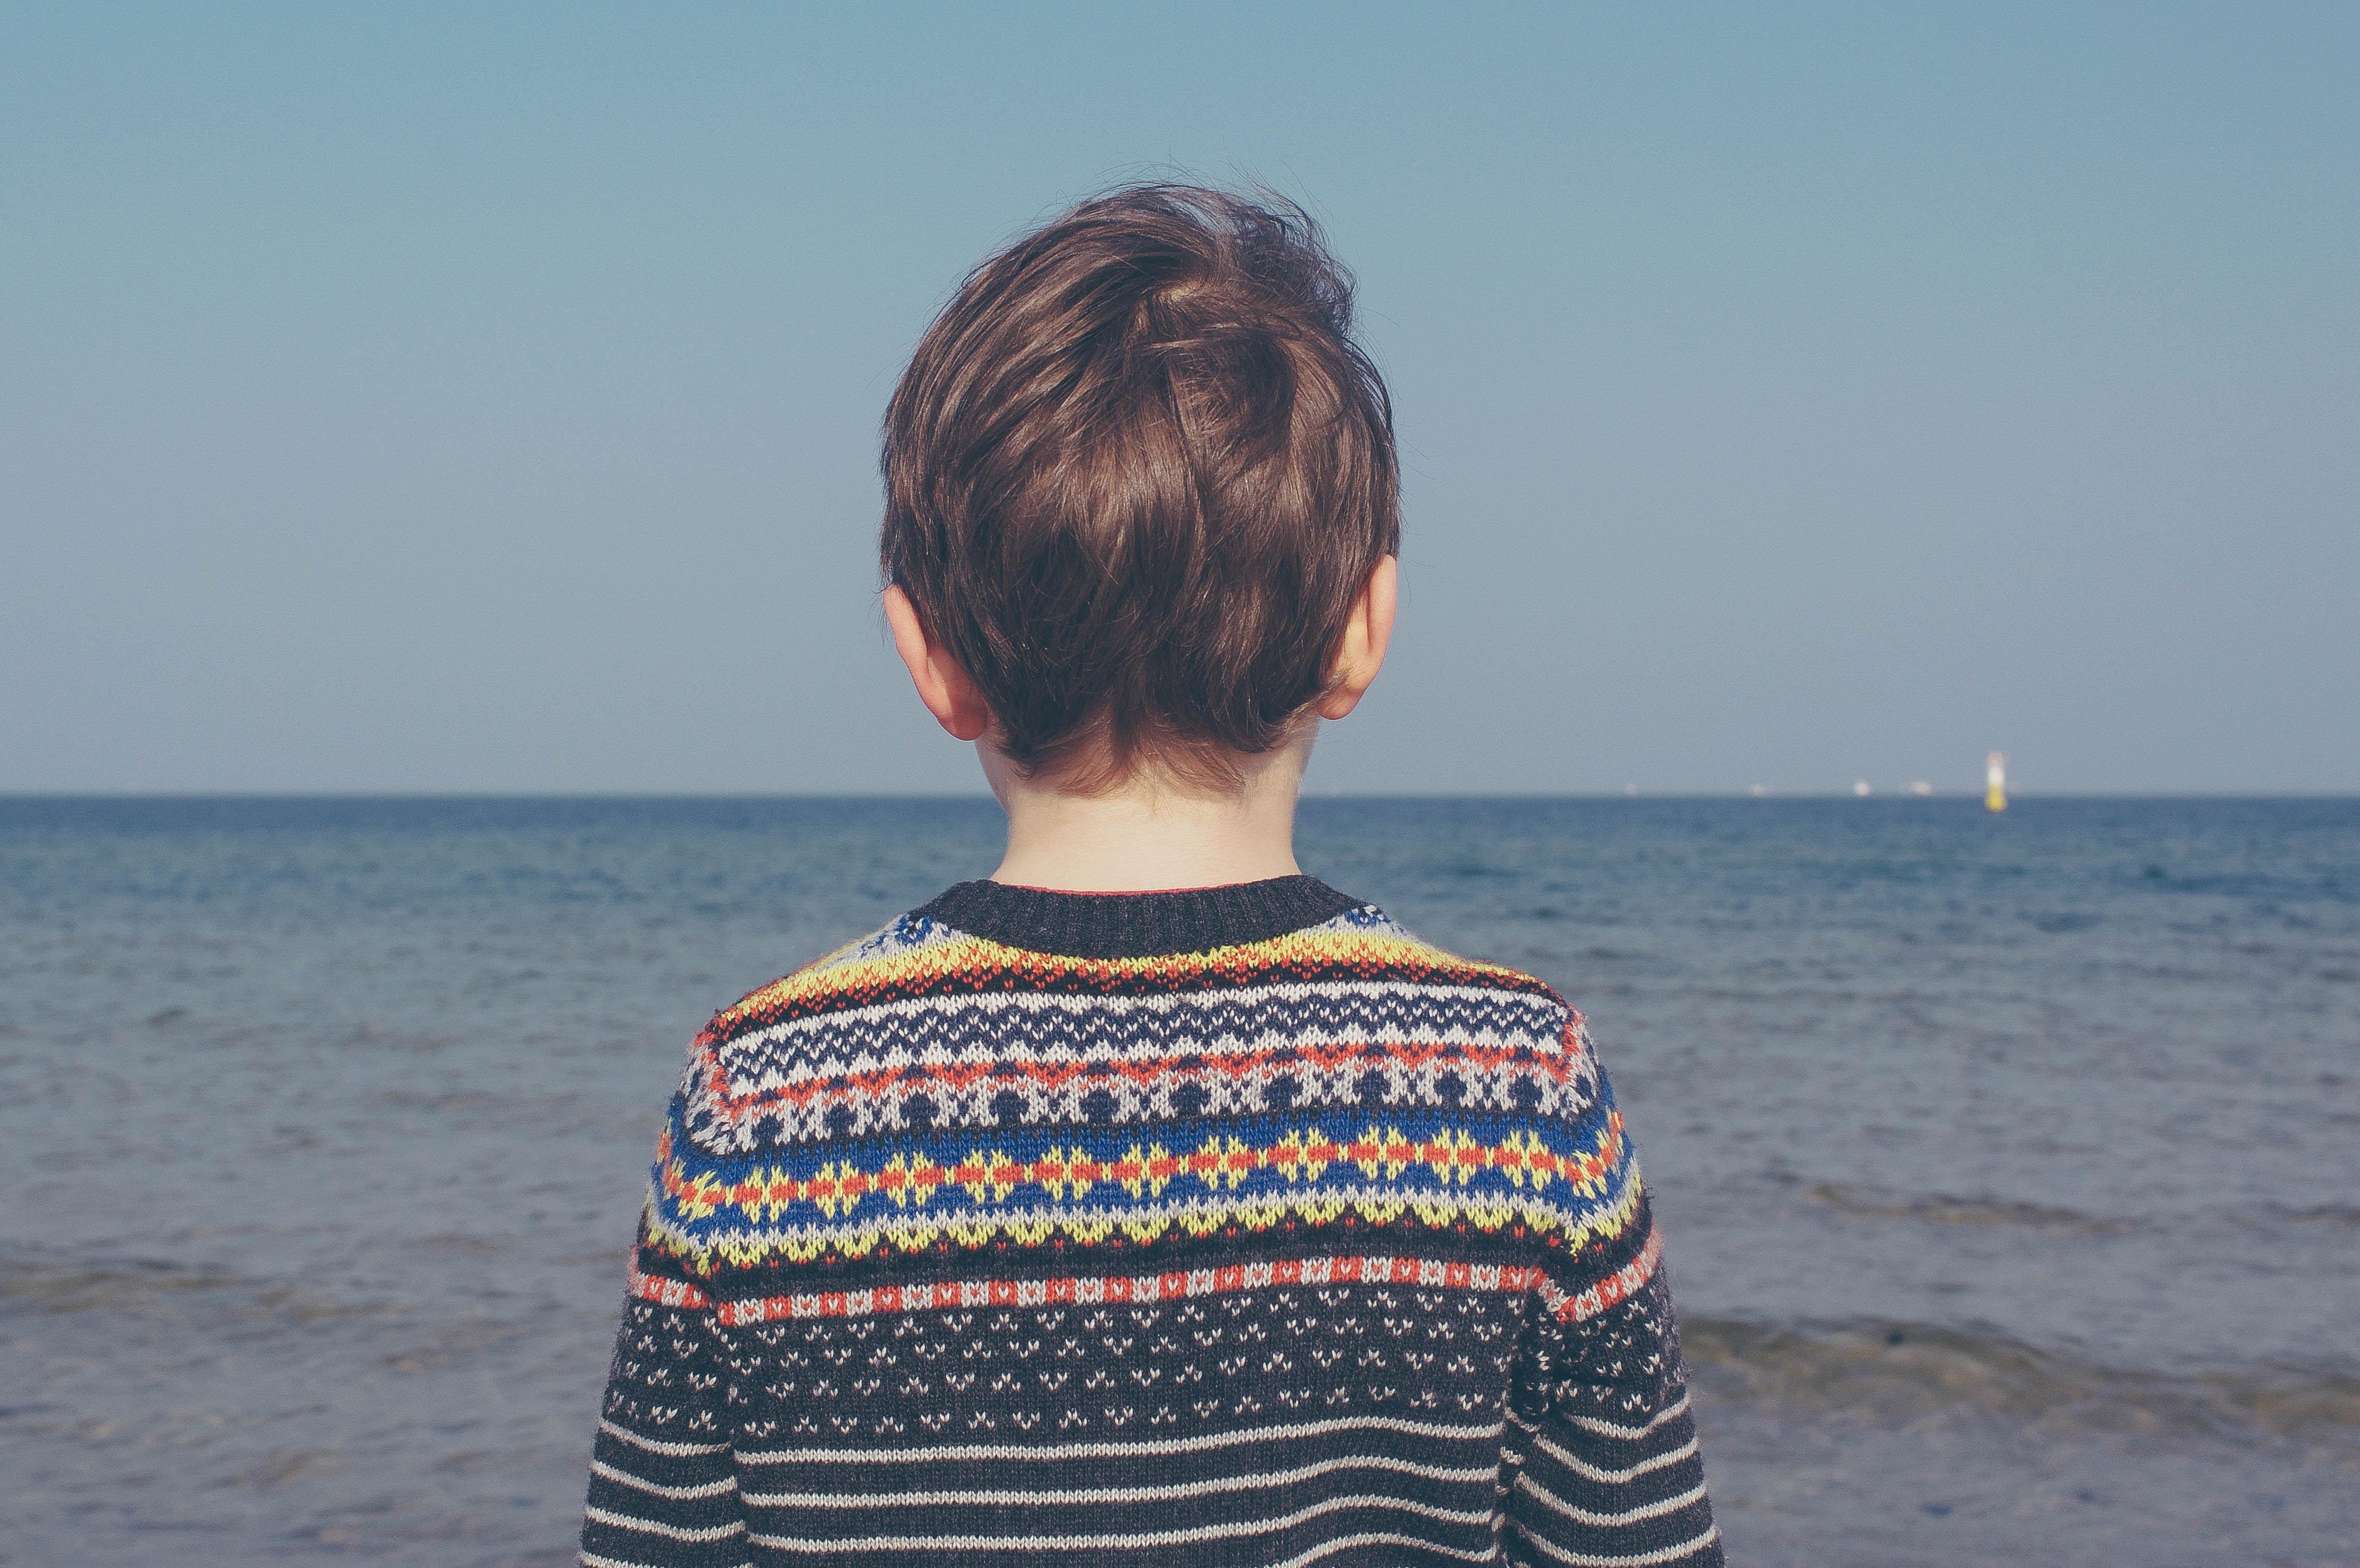 Child's Hair Cut